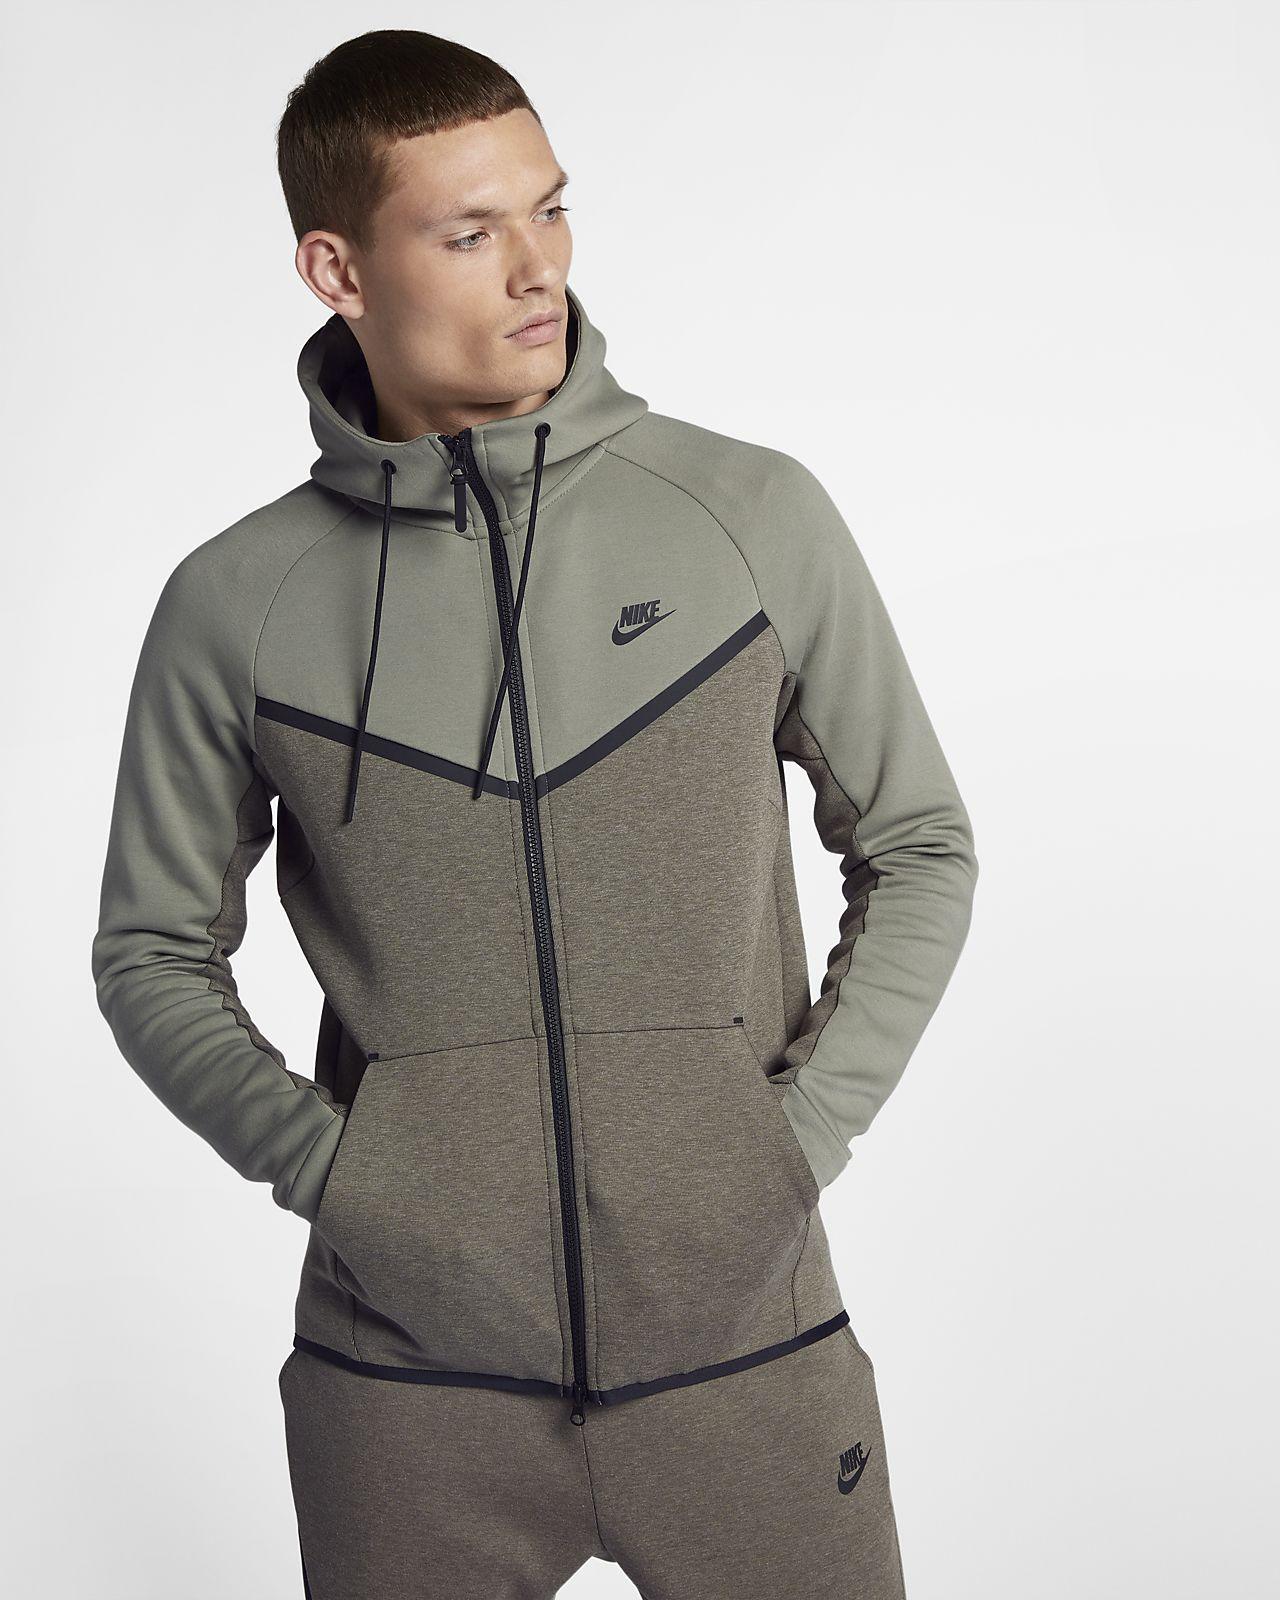 Nike sportswear tech fleece windrunner mens fullzip